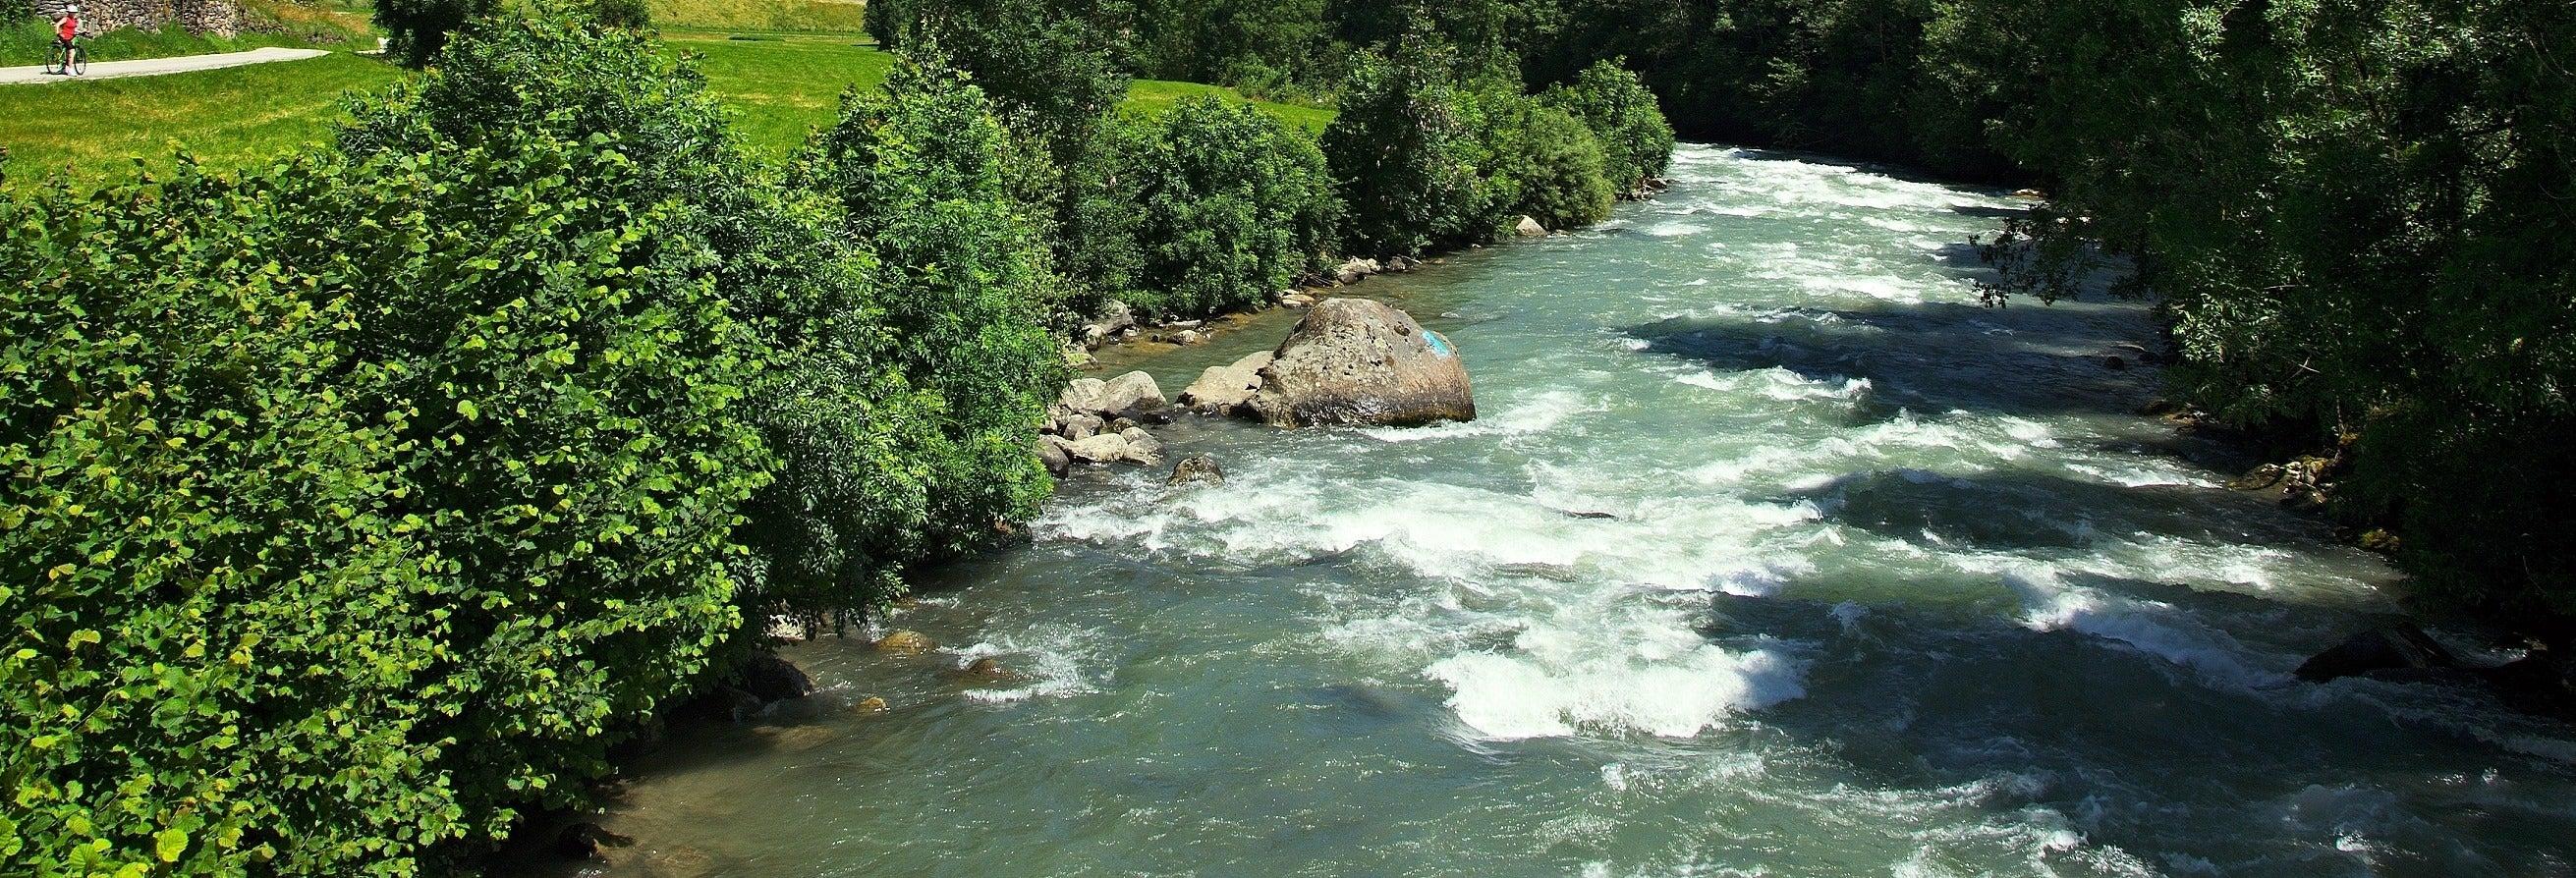 Tour de caiaque pelo rio Noce